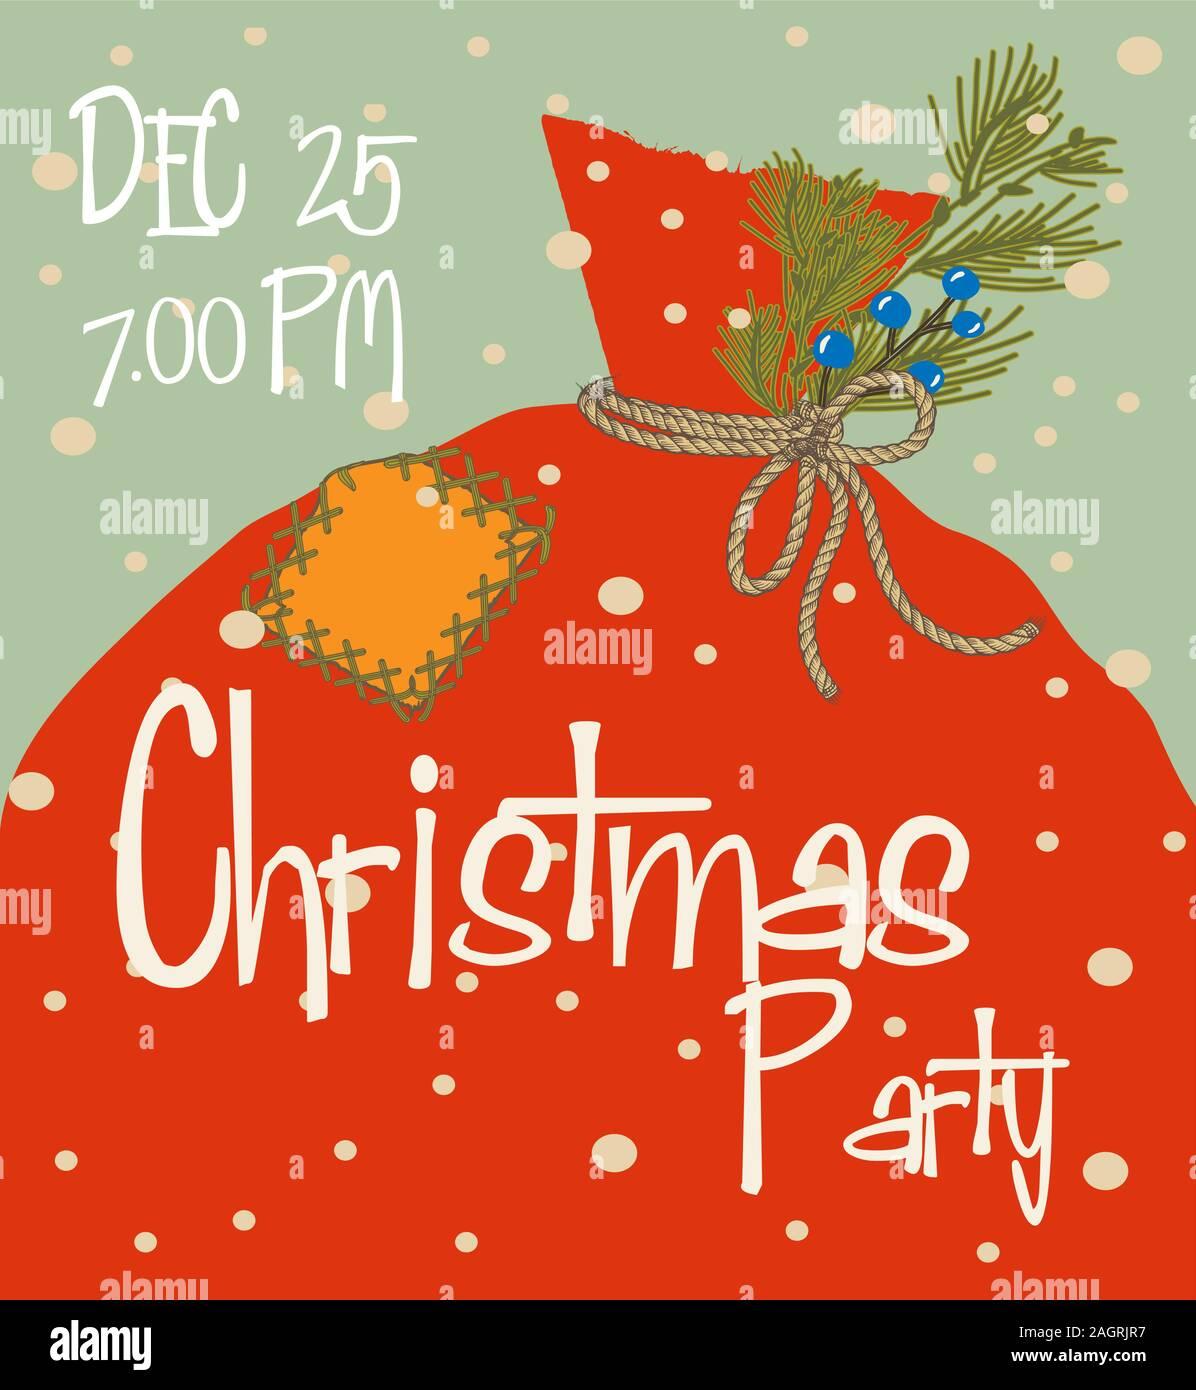 Tarjeta De Invitación A Una Fiesta De Navidad En El Cómic De